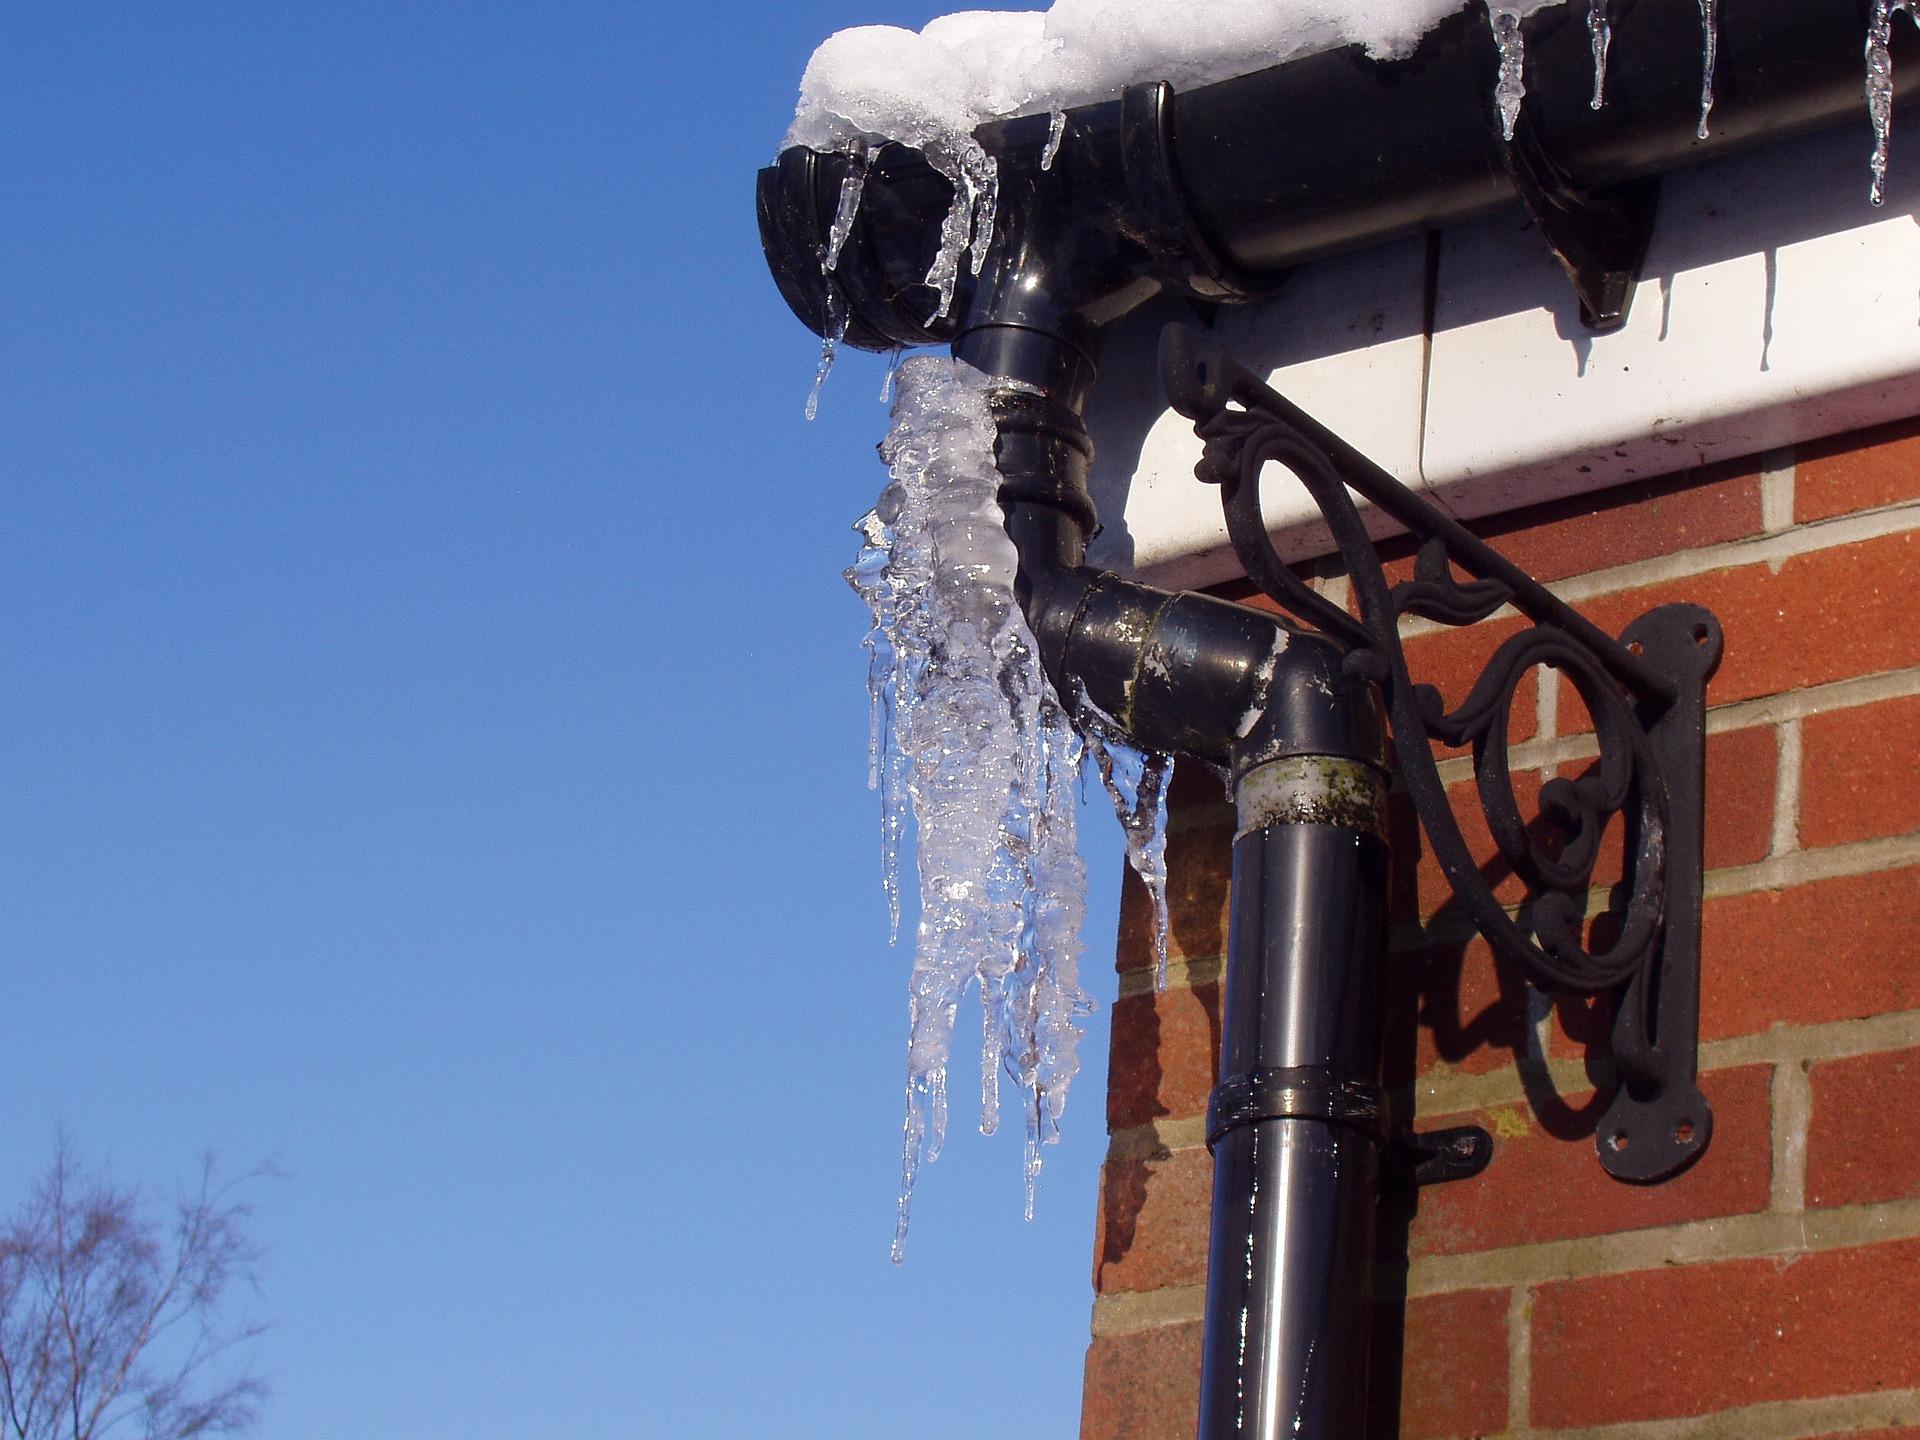 hielo nieve carambanos invierno desagüe tejado